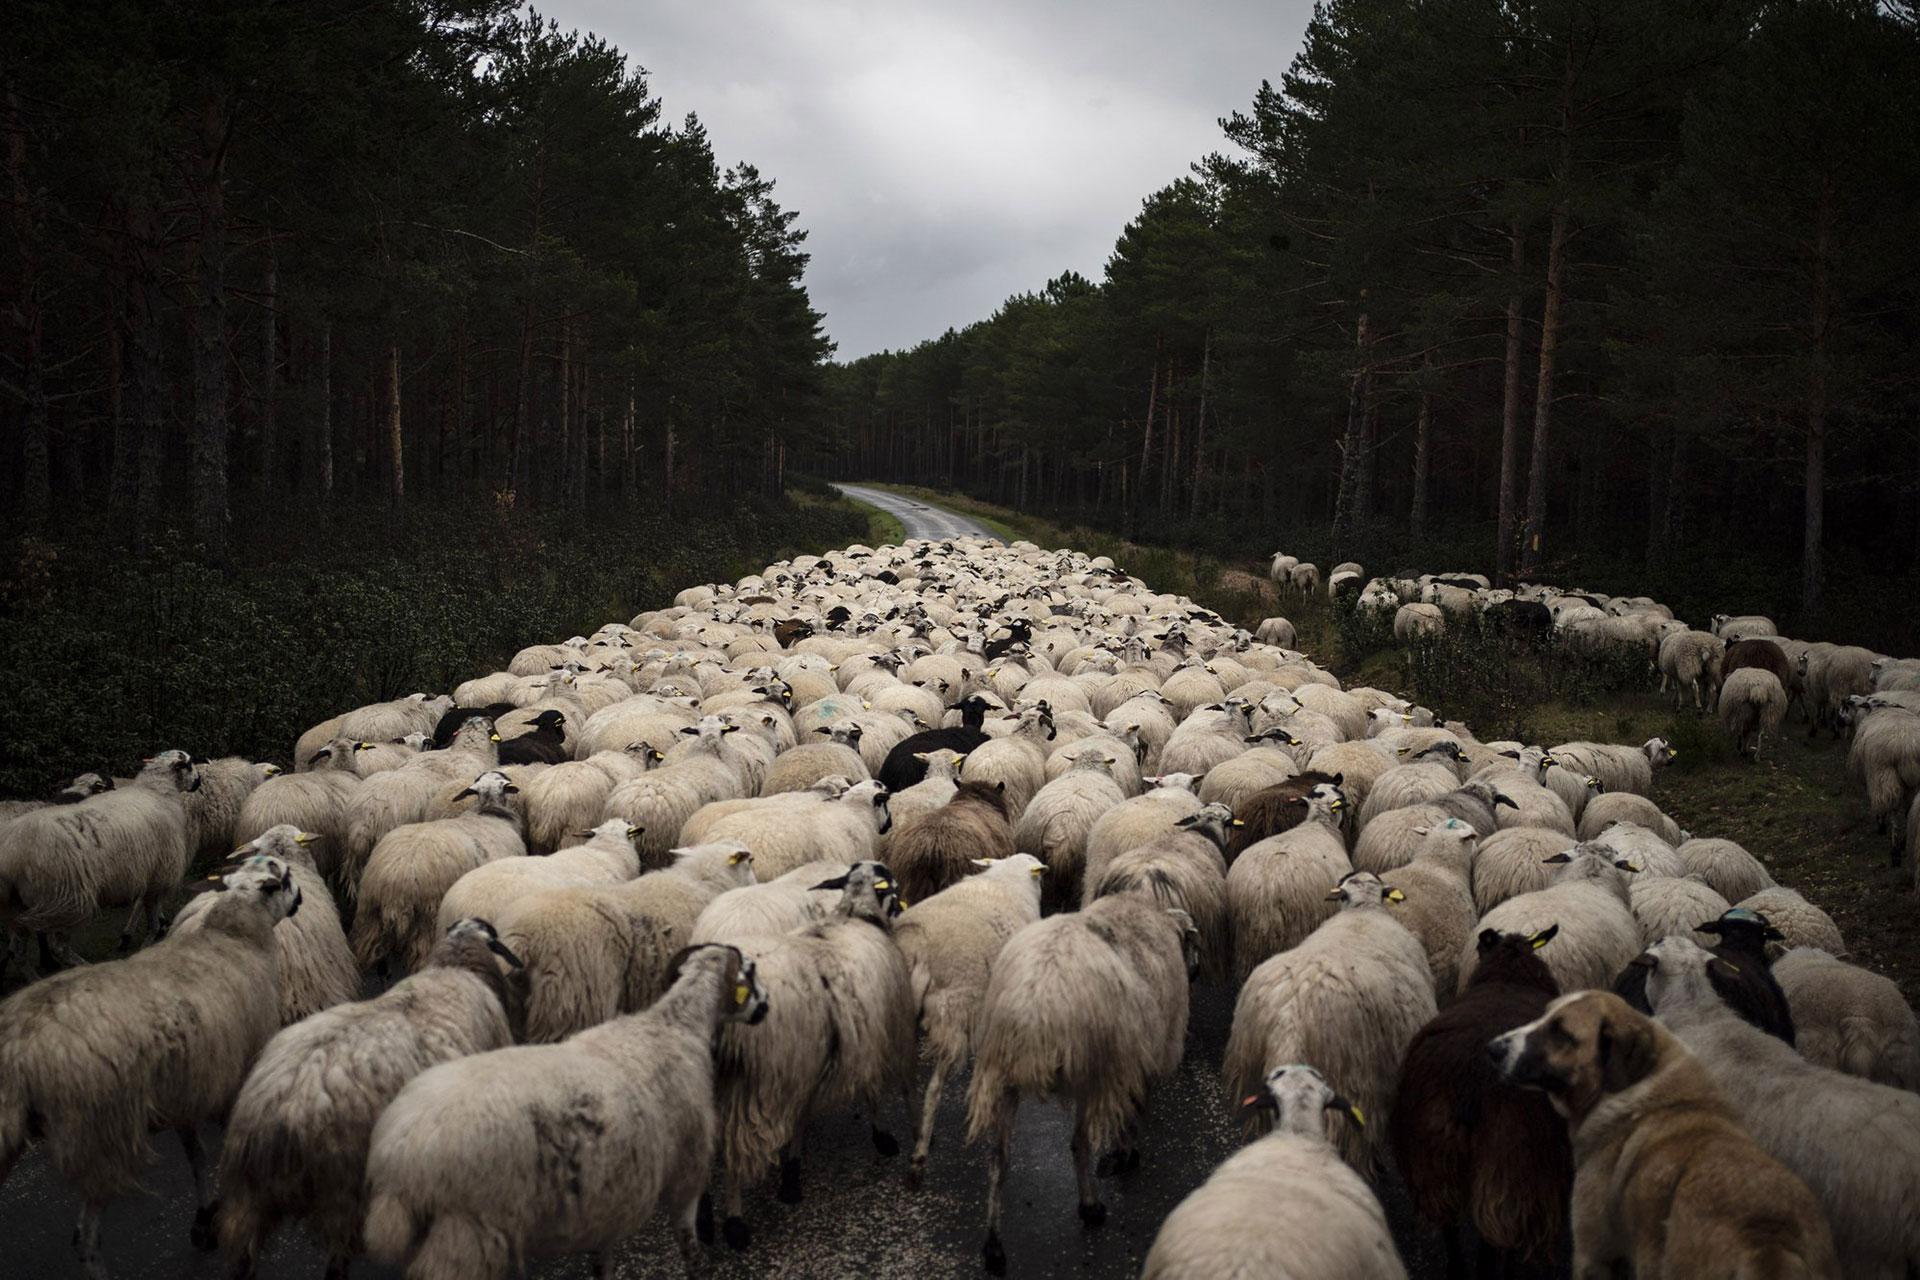 Un rebaño de ovejas se mueve en una carretera vacía cerca de Soria, España, el lunes 27 de abril de 2020. (Foto AP / Felipe Dana)